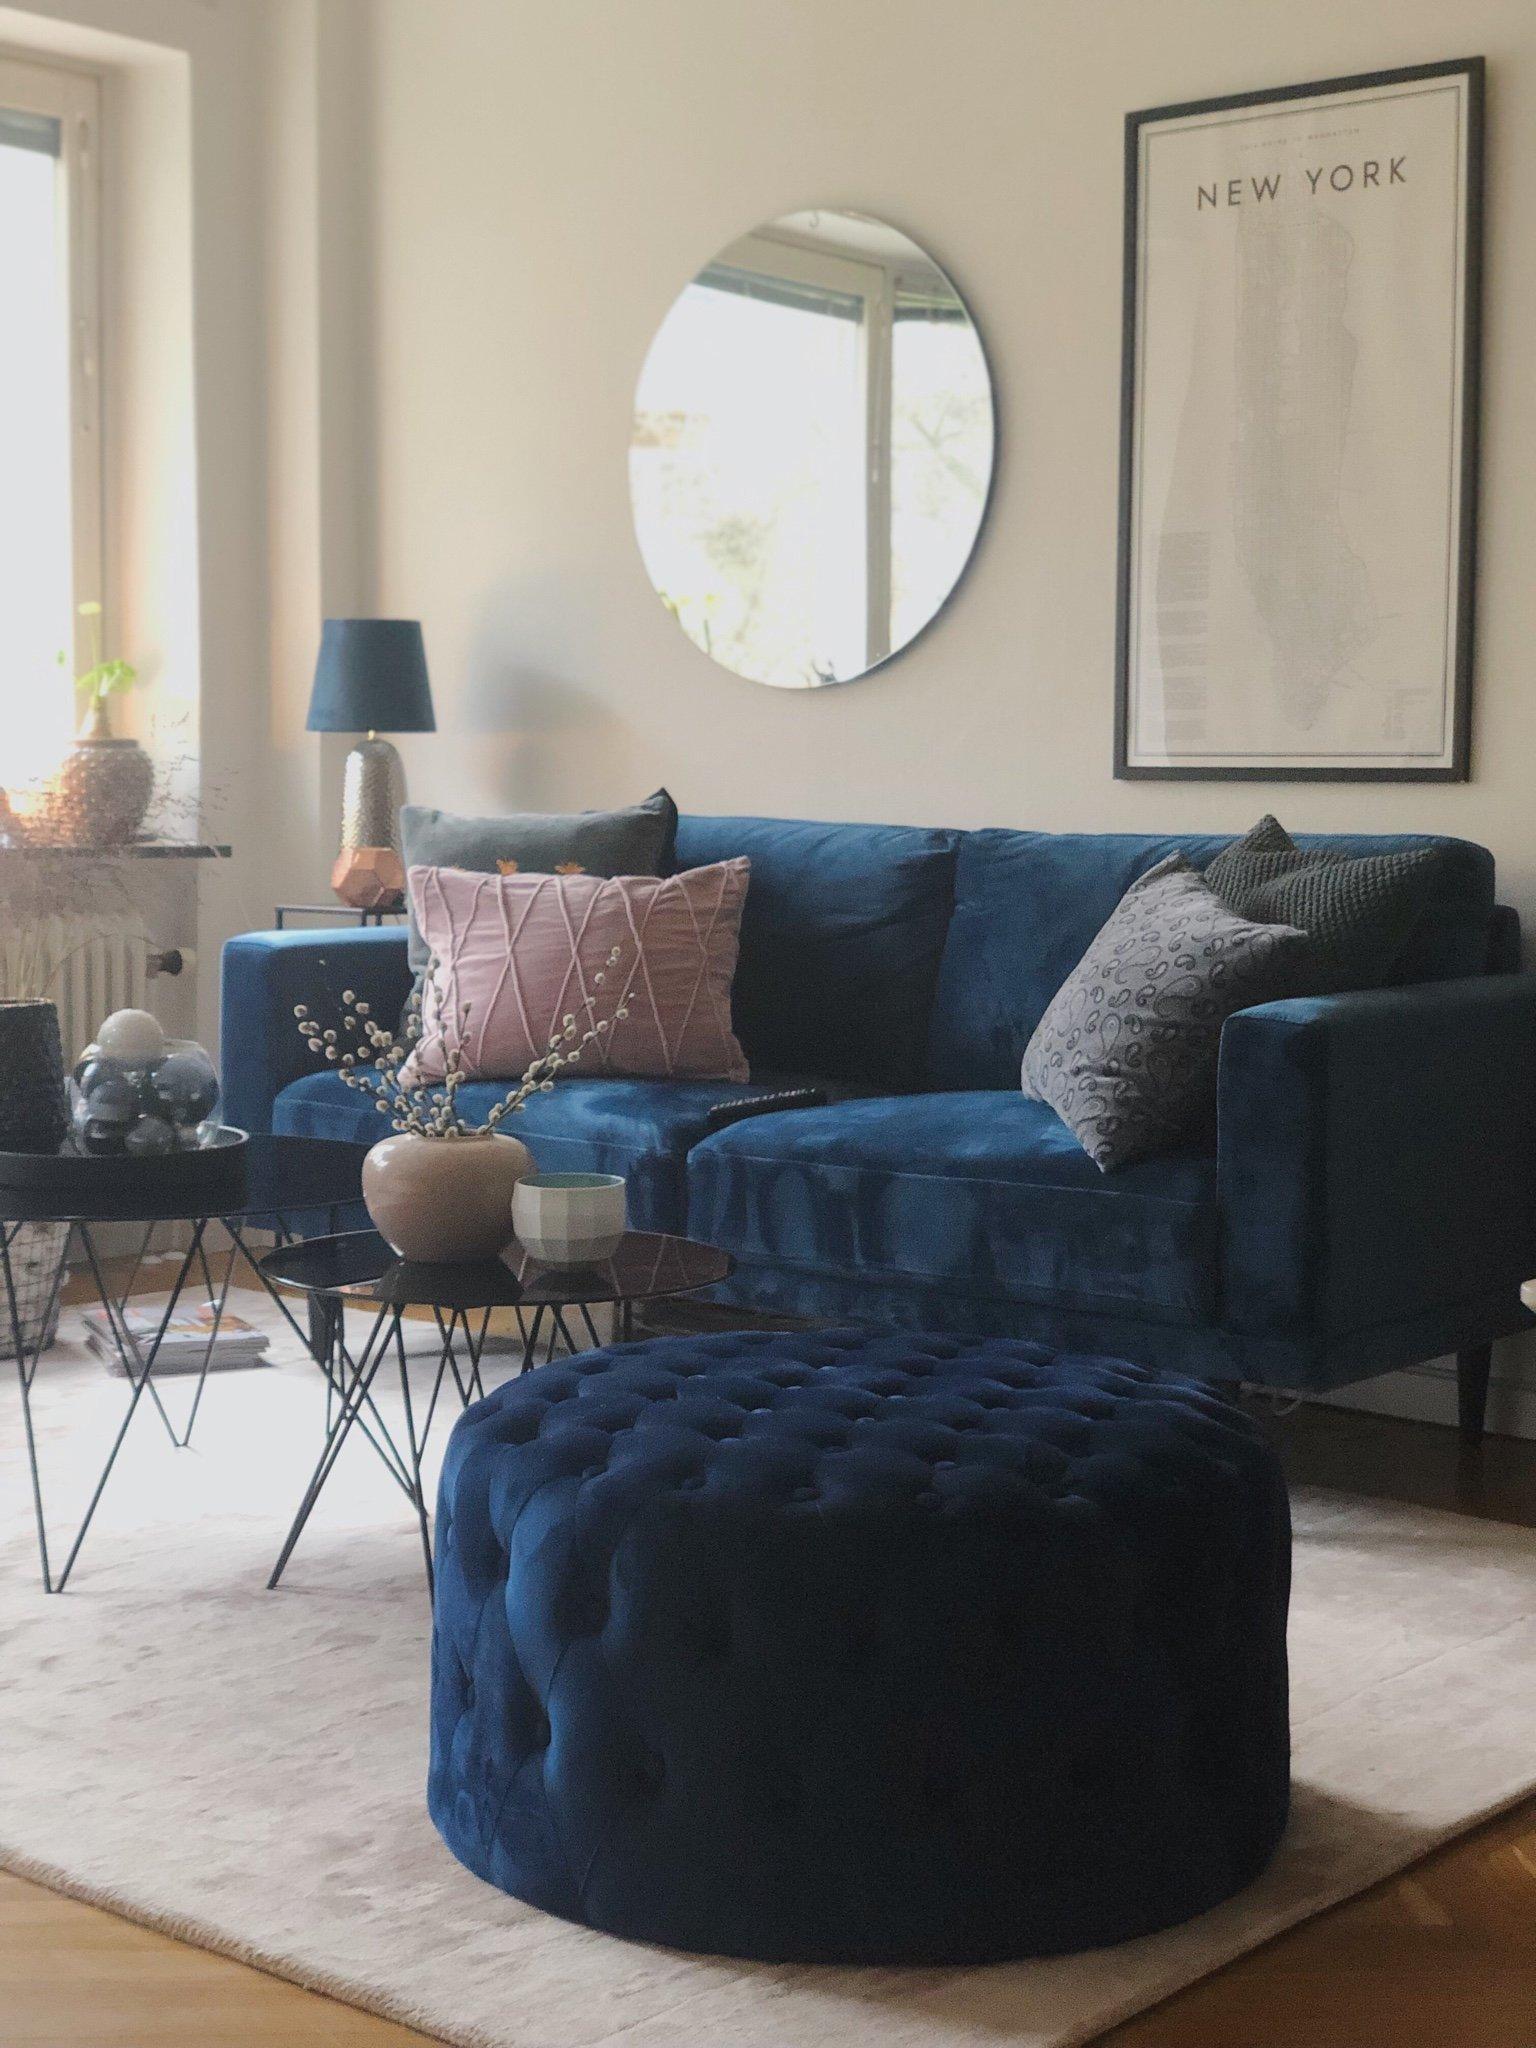 Strålande ILVA 3-sits soffa till salu (361182842) ᐈ Köp på Tradera YY-57